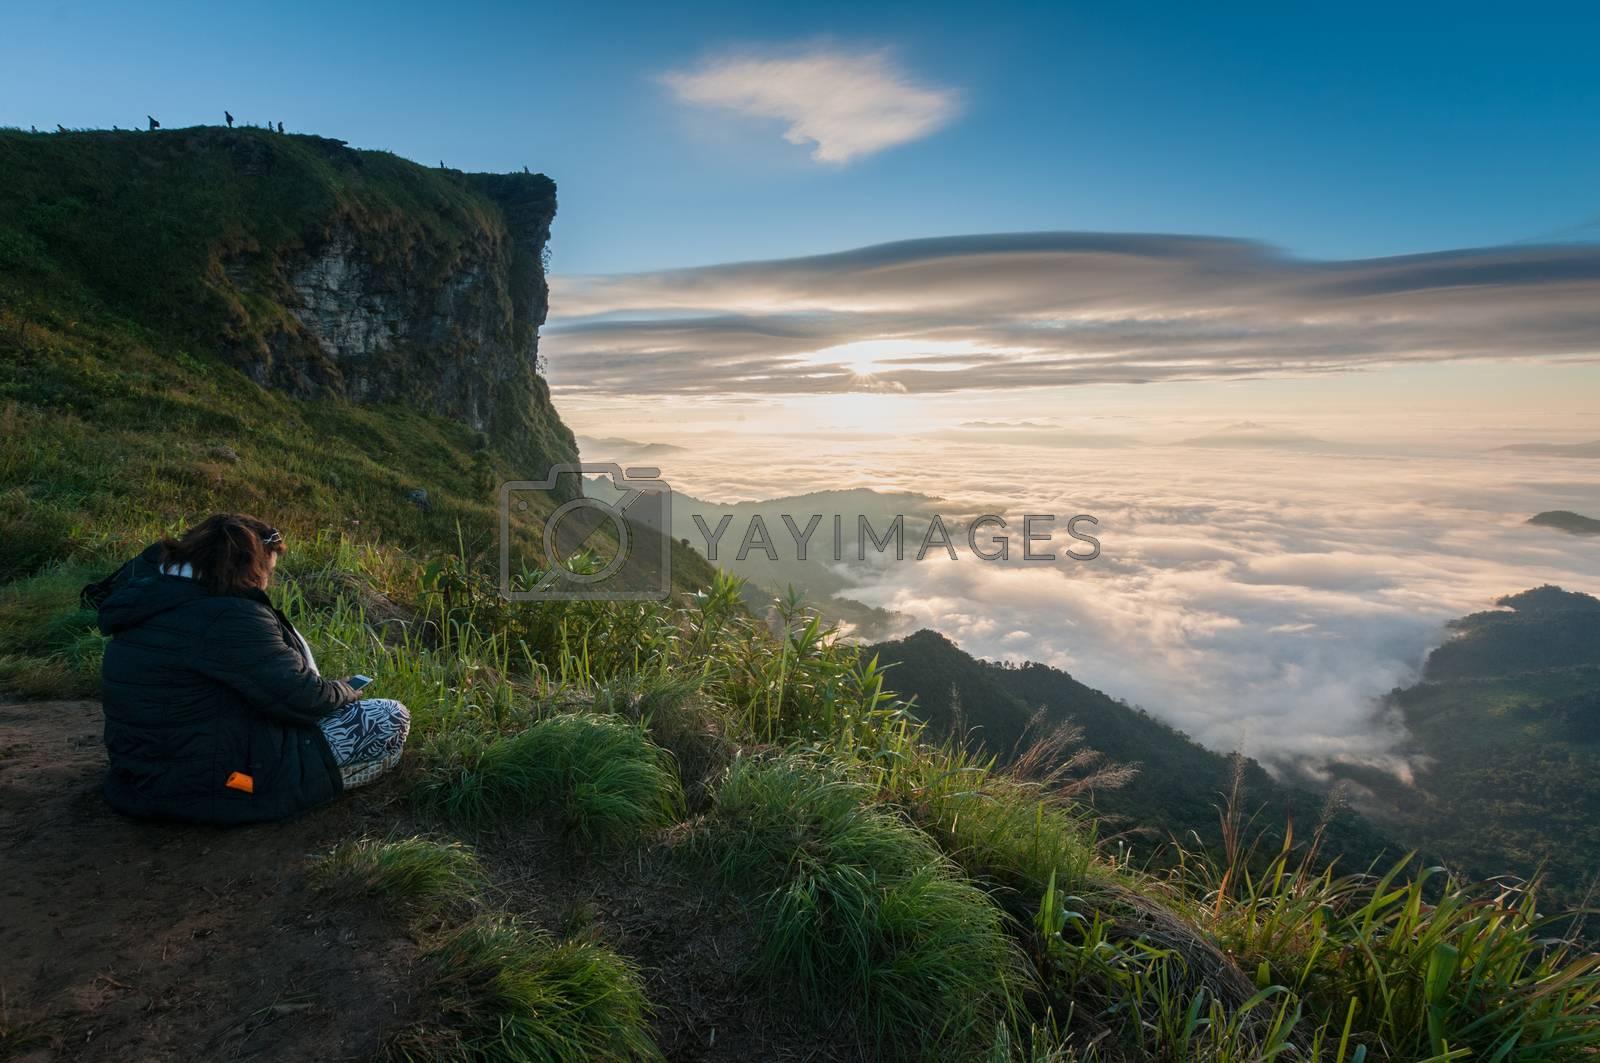 Phu Chi Fa mountain landscape with sunrise, Thailand